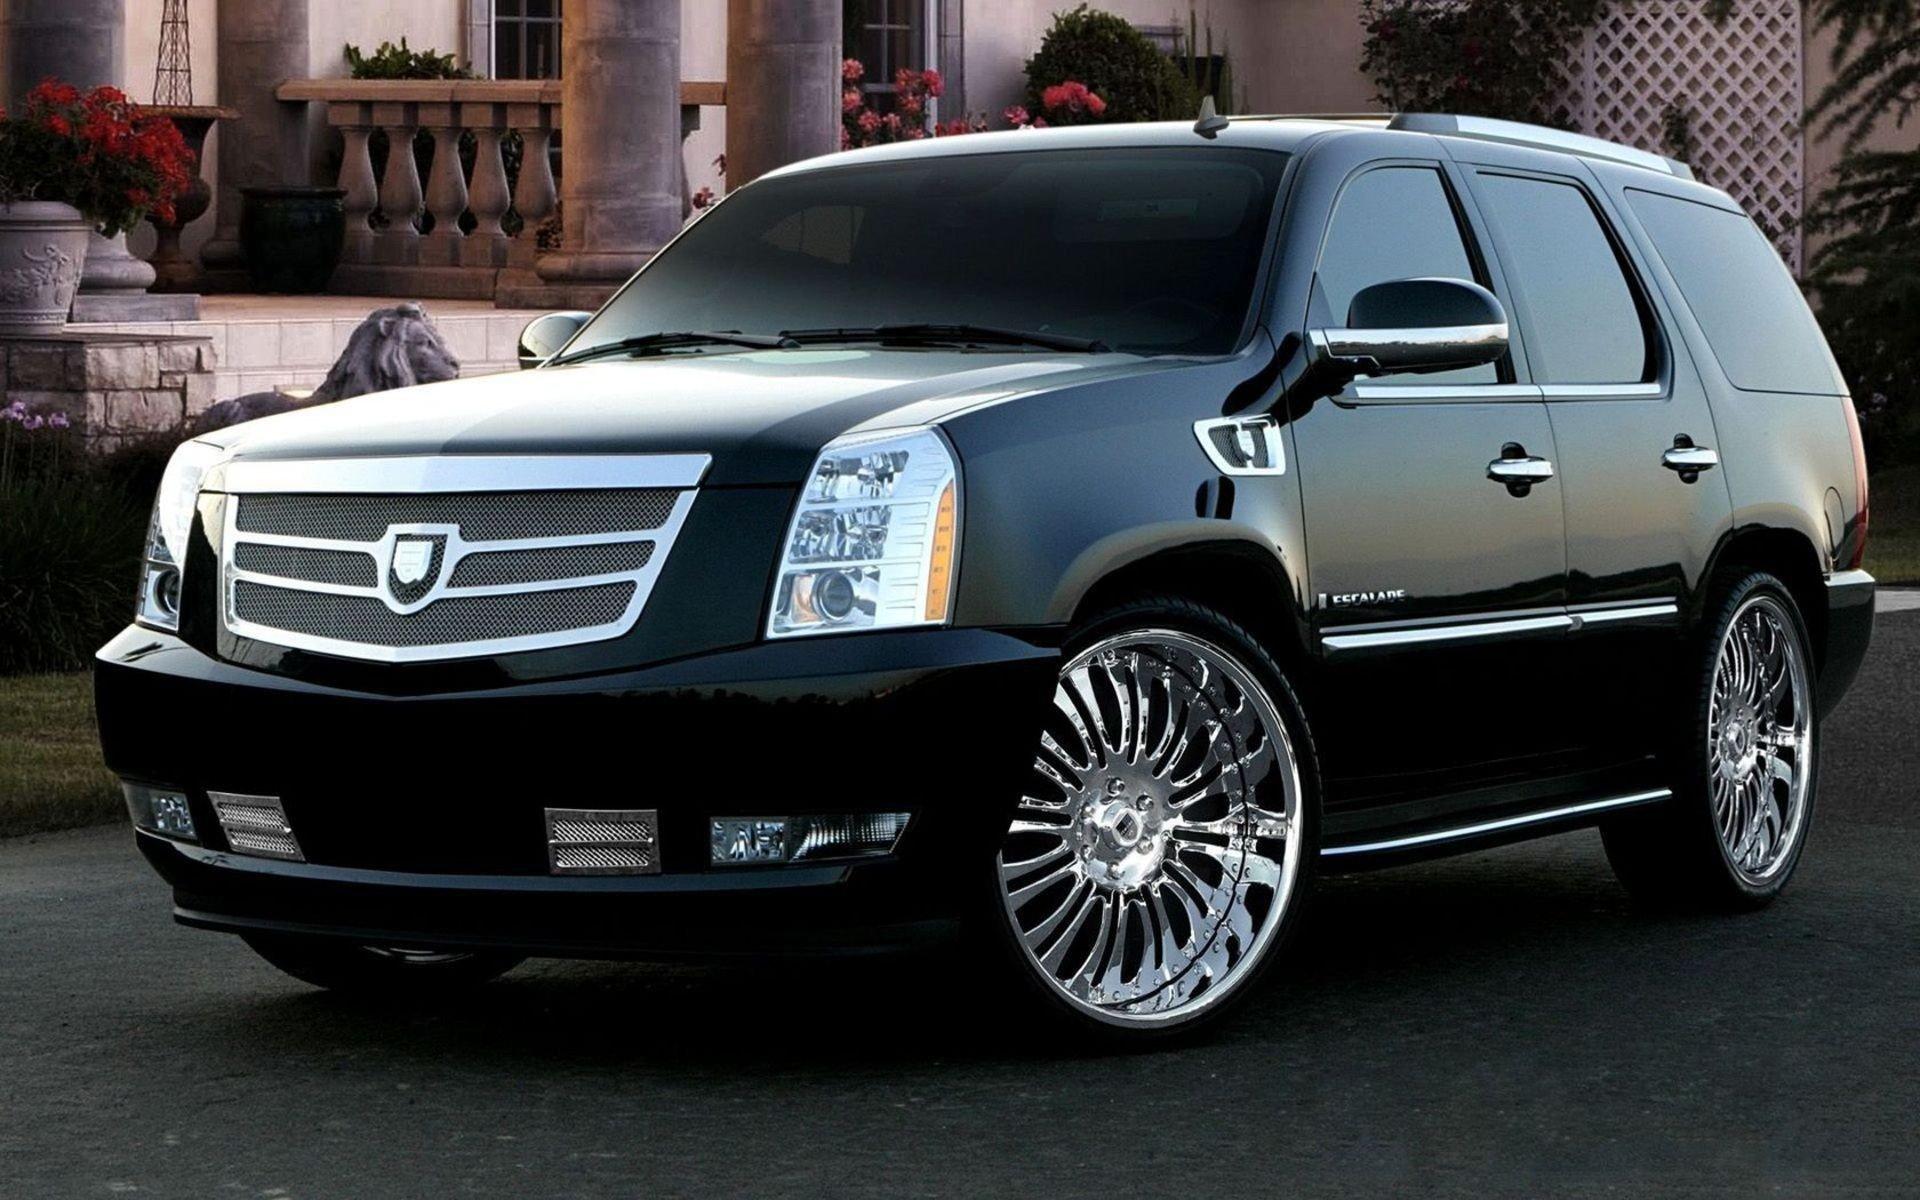 Cars Cadillac XLR-V SUV cadillac Escalade wallpaper ...